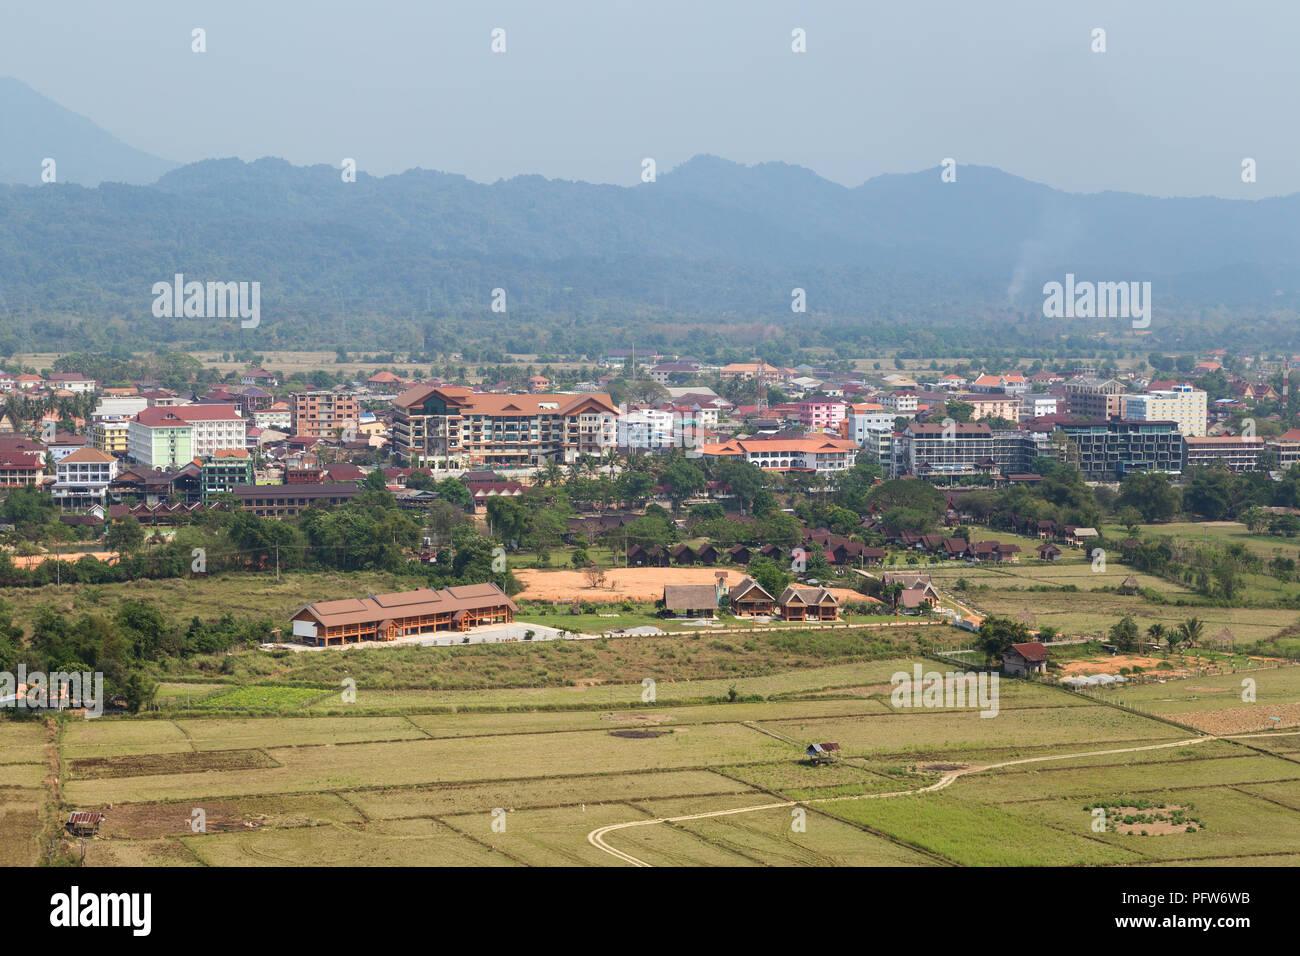 Bellissima vista della città e i campi di cui sopra in Vang Vieng, Provincia di Vientiane, Laos, in una giornata di sole. Immagini Stock